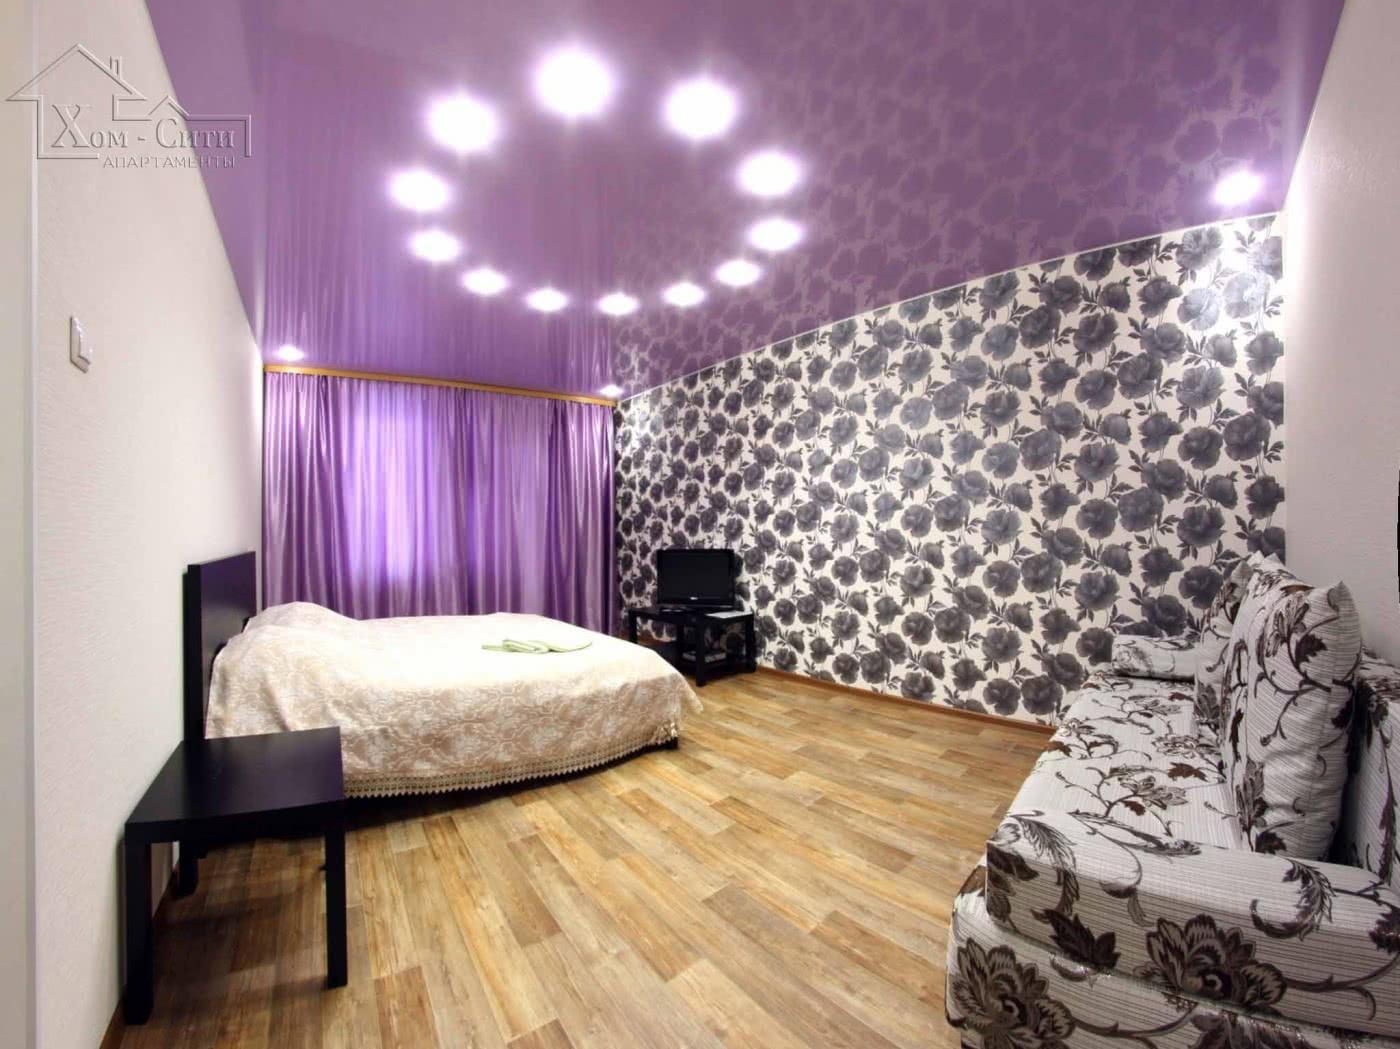 Аренда гостиничных номеров и апартаментов в Тюмени